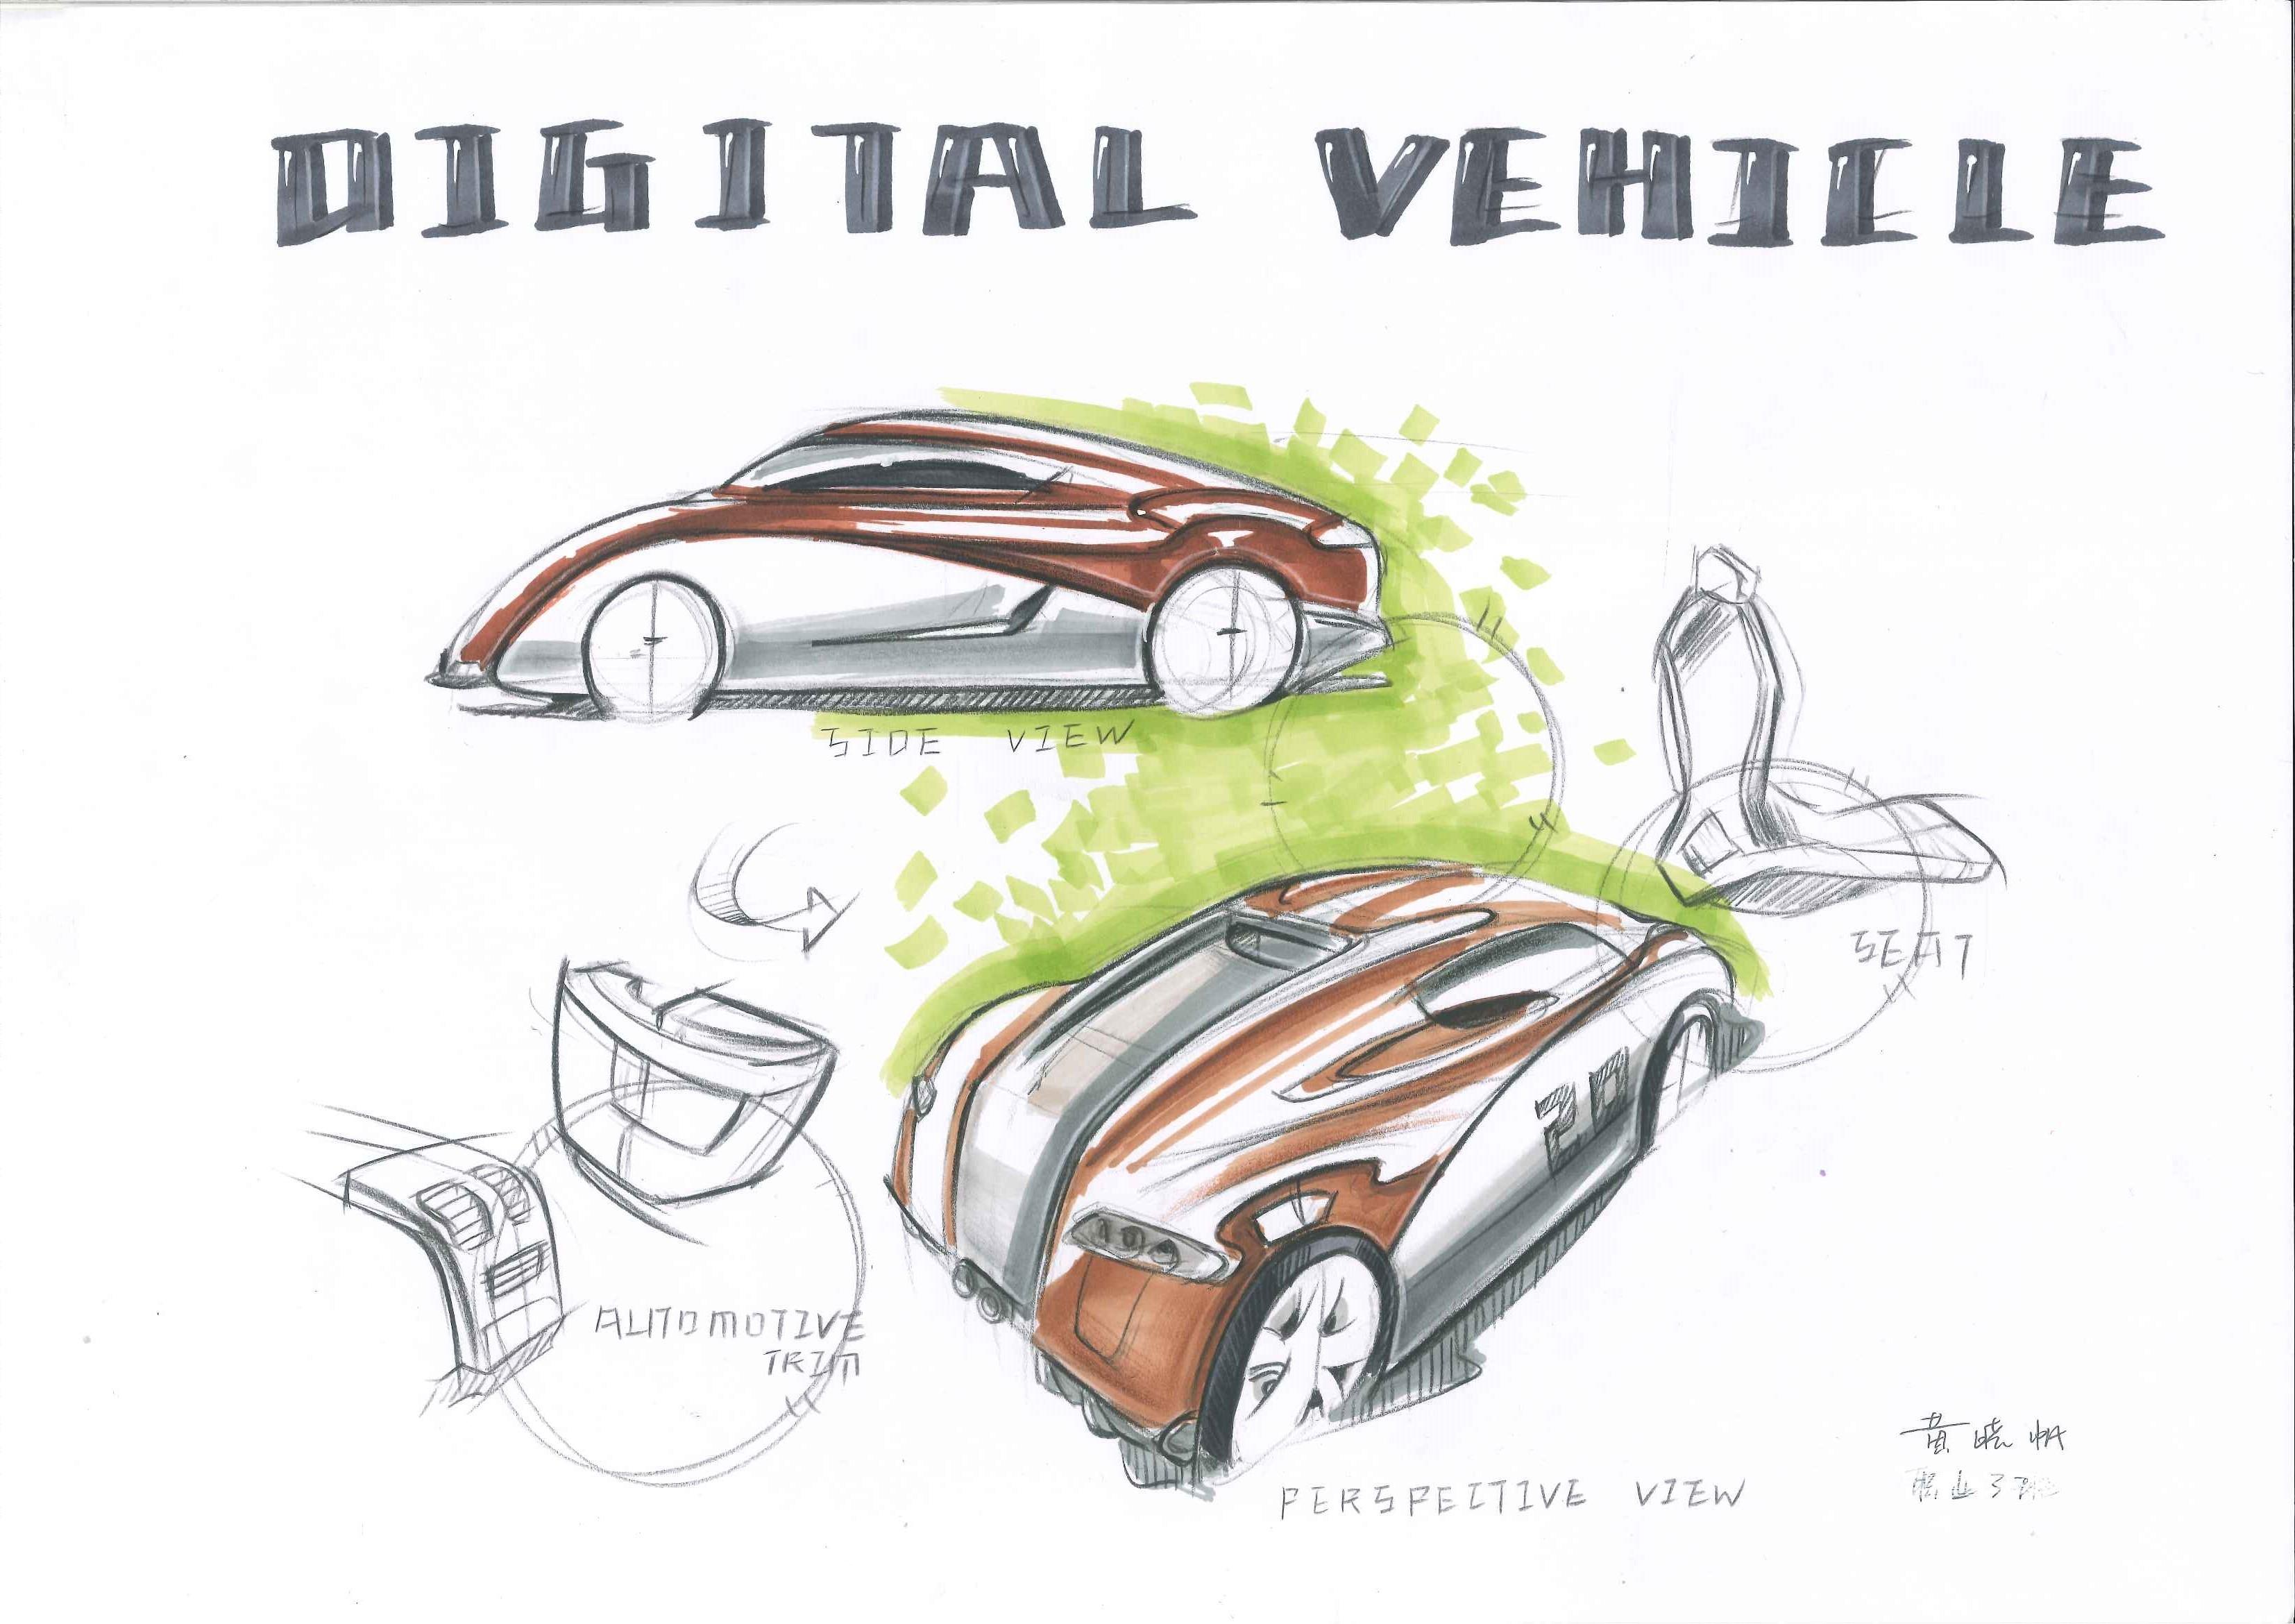 产品手绘|工业/产品|交通工具|瑞拉sophie - 原创作品